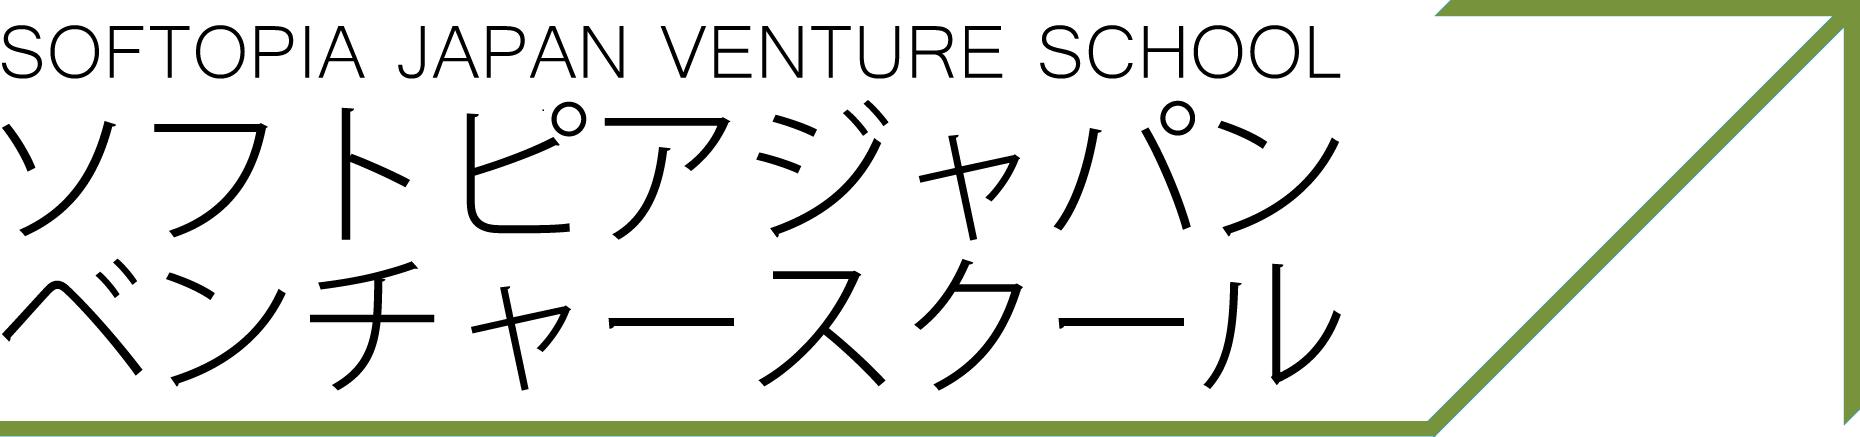 venture_school_banner